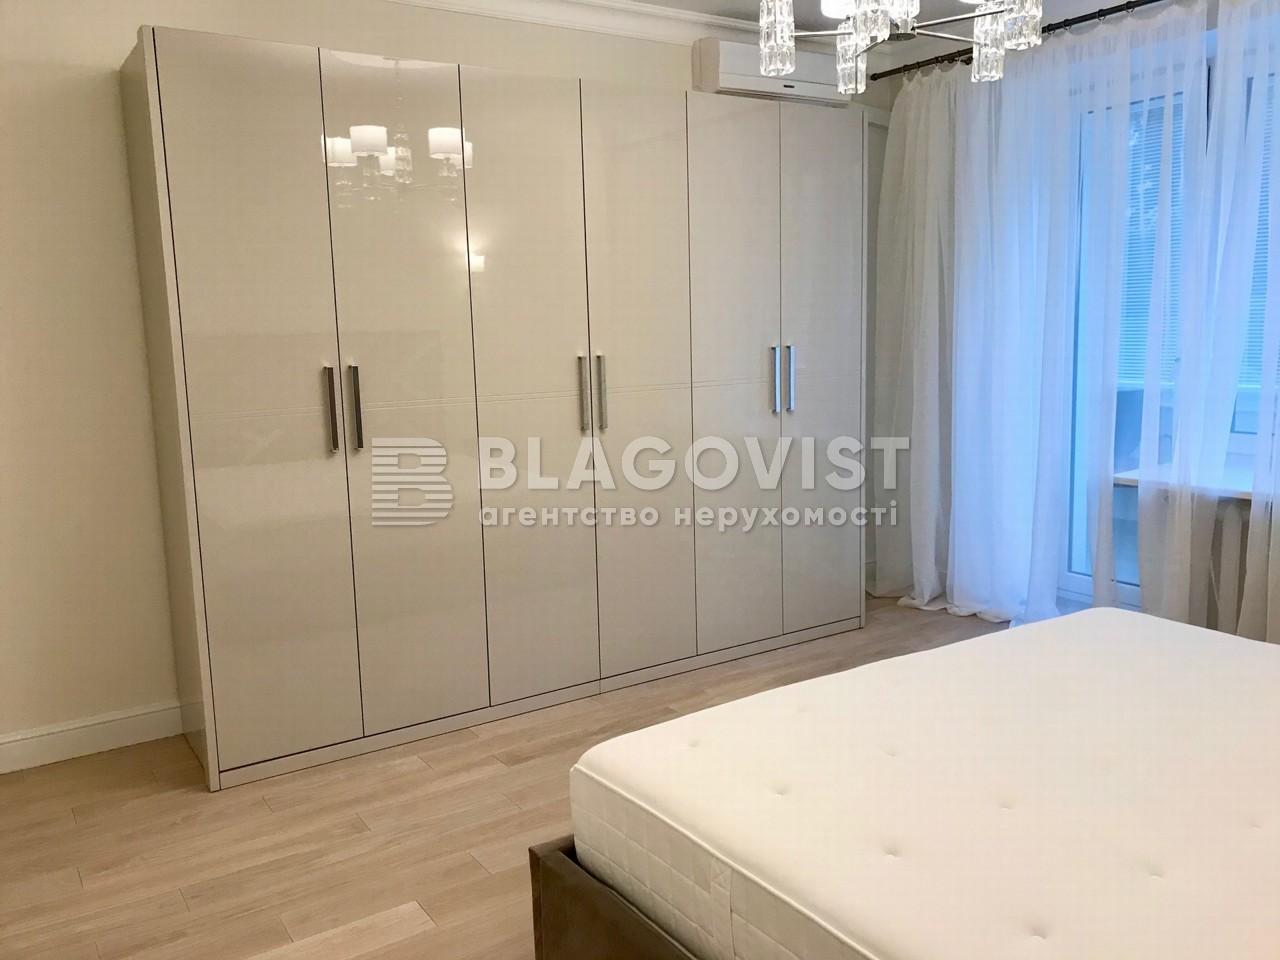 Квартира R-39212, Тургеневская, 52/58, Киев - Фото 8